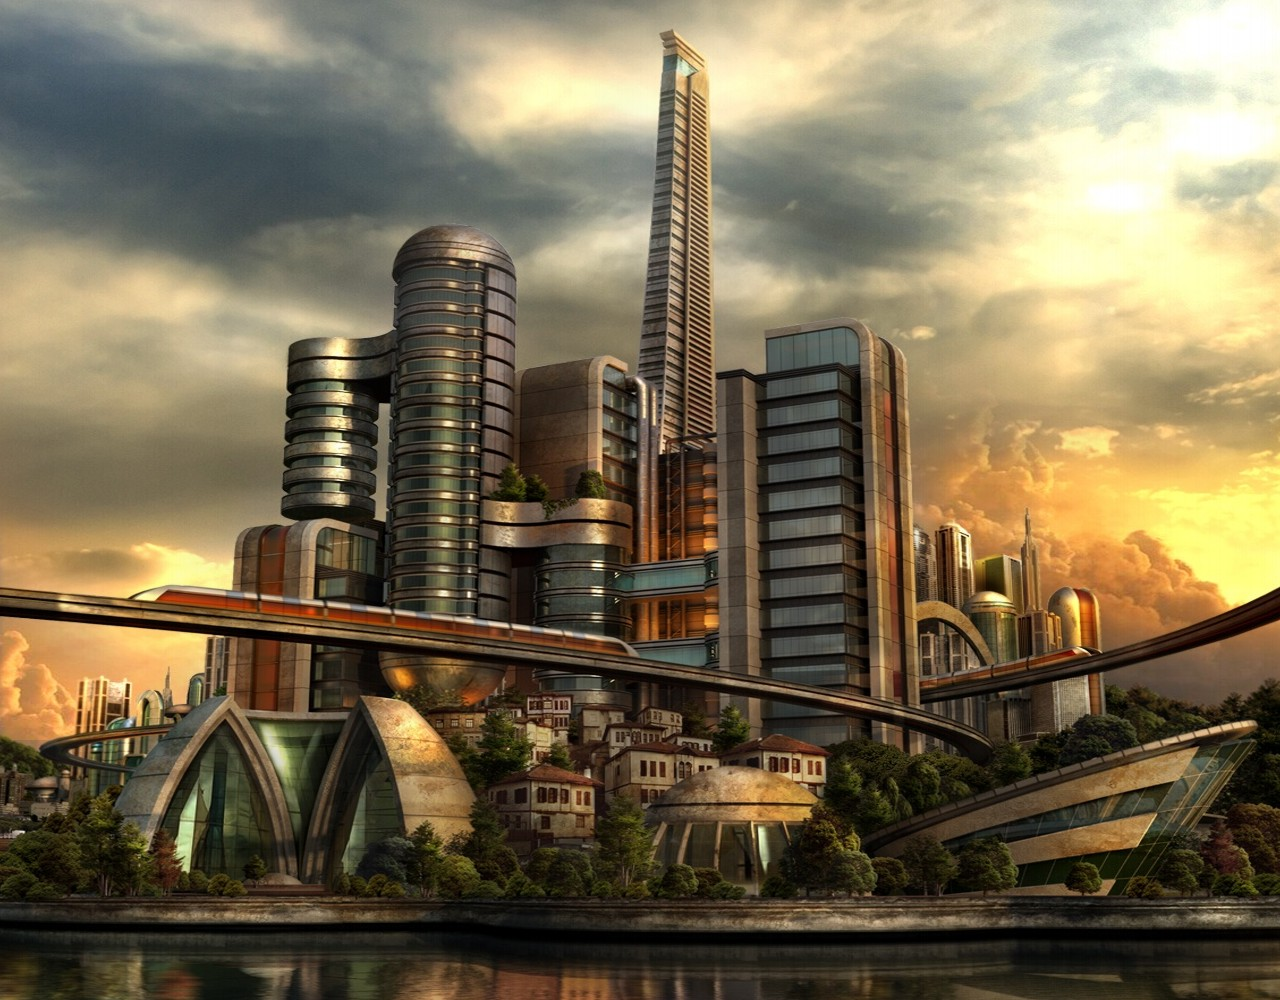 The City Of Future By ~e-designer